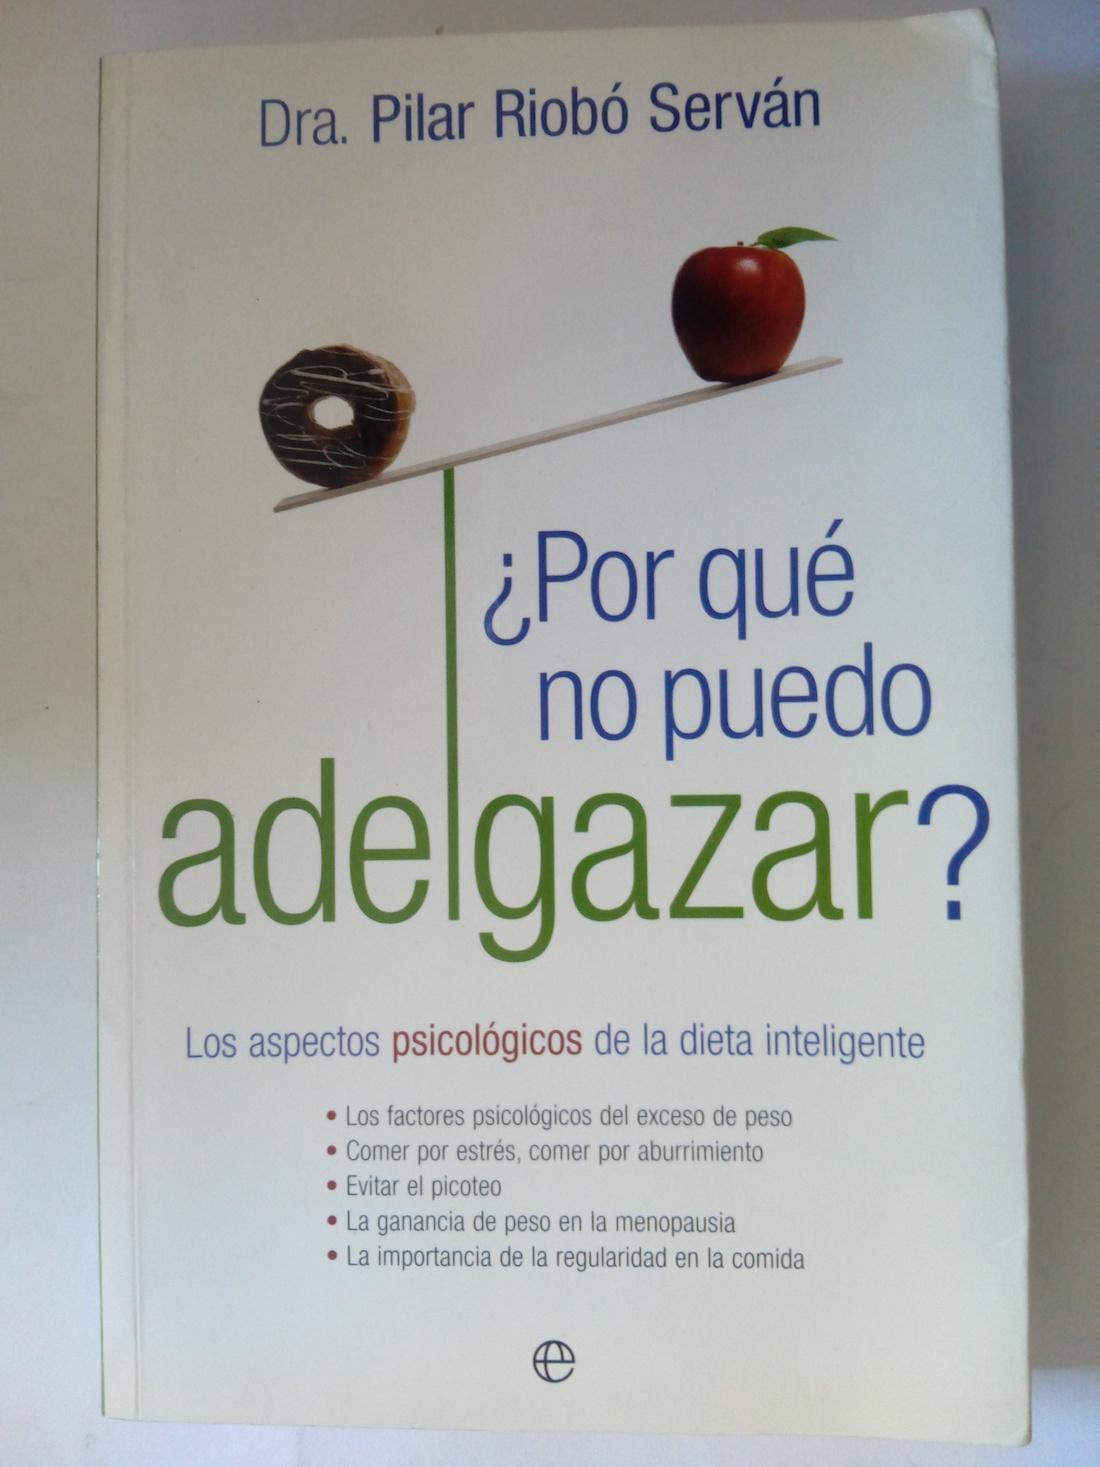 Por qué no puedo adelgazar? Los aspectos psicológicos de la dieta inteligente - Dra. Pilar Riobó Serván